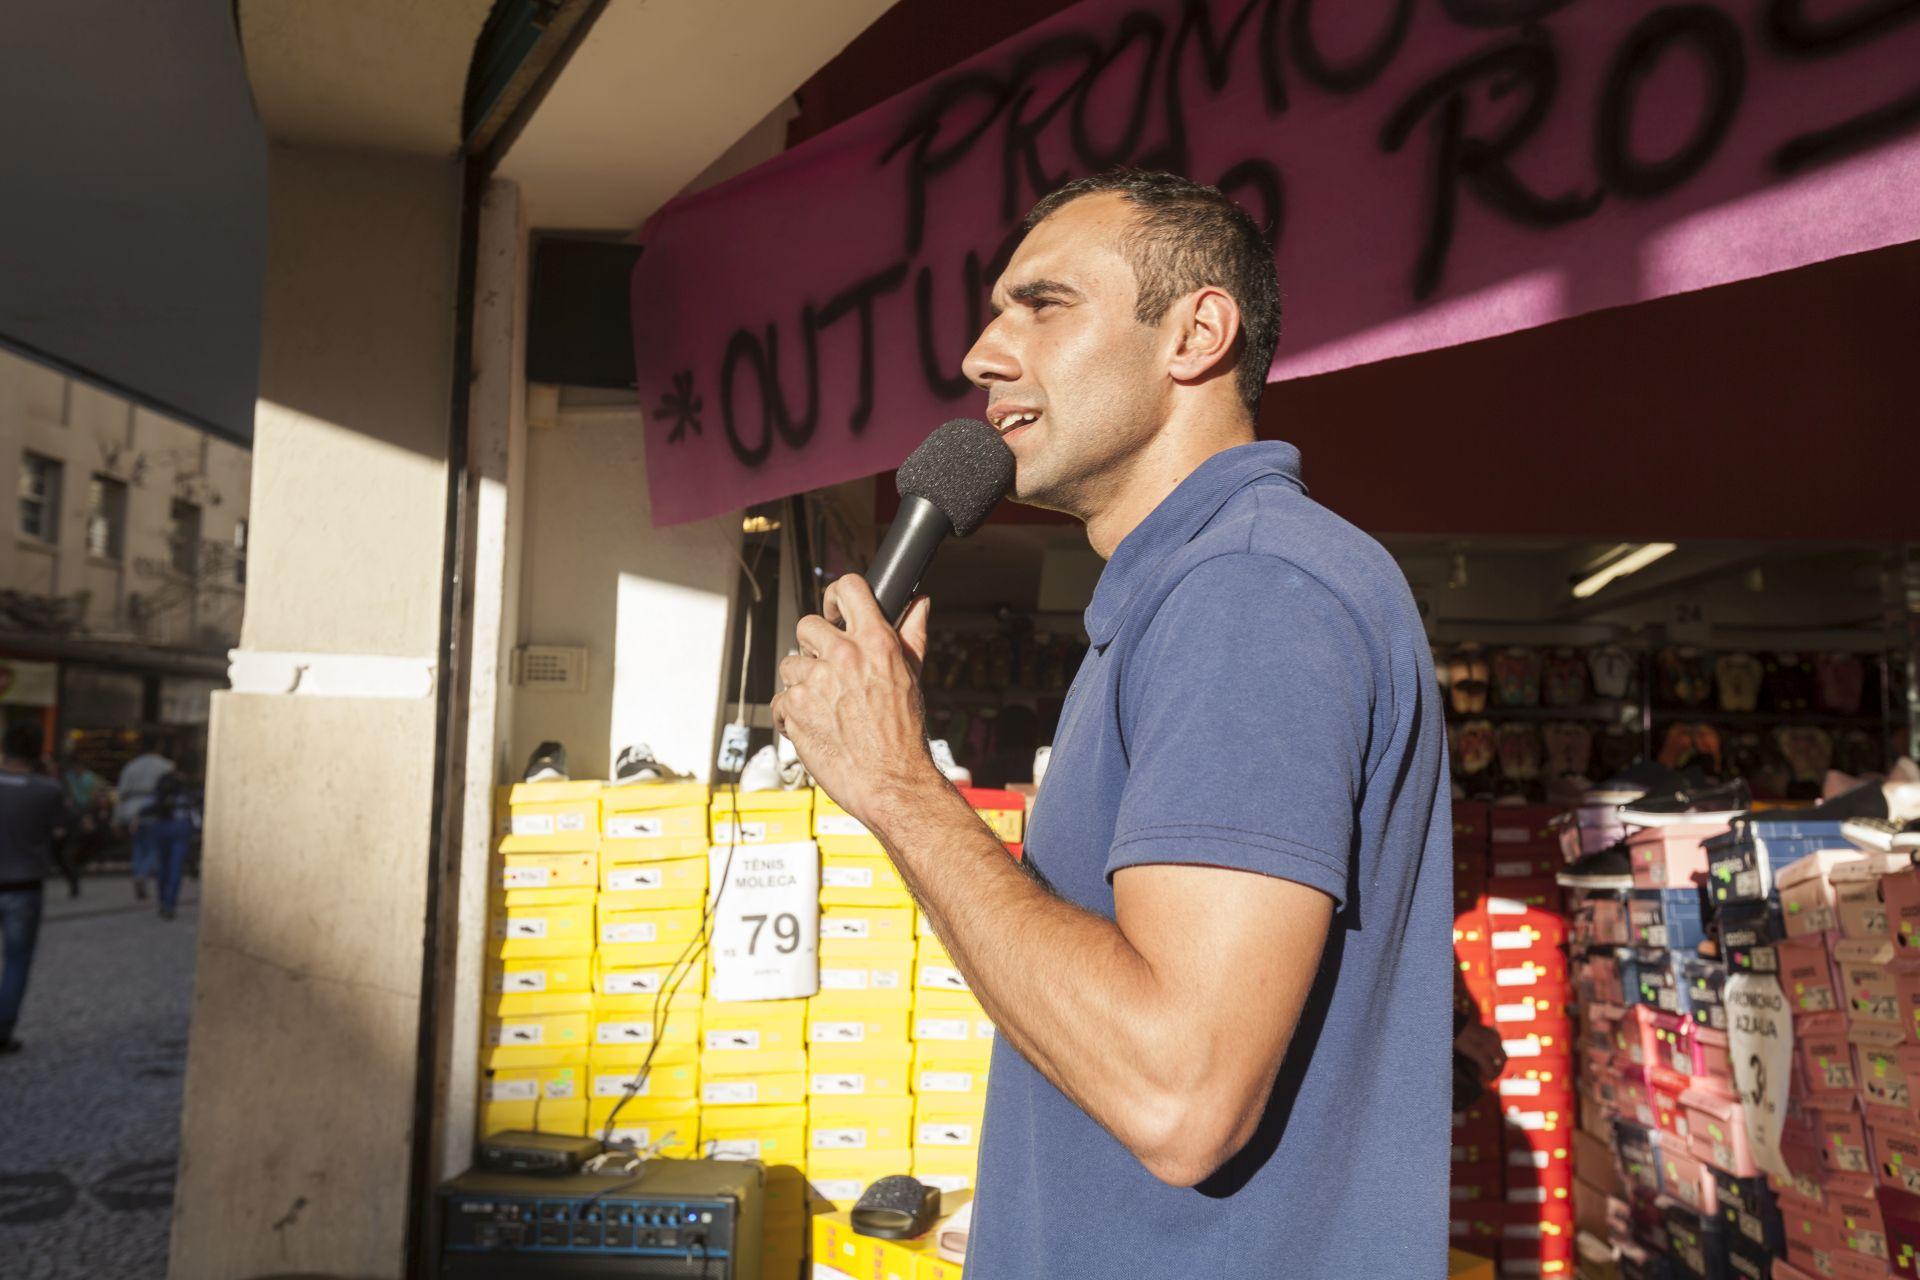 Johnny Fernando trabalha há sete anos como locutor de loja. Atua também como ator amador e gosta de inventar personagens. Foto: Fernando Zequinão/Gazeta do Povo